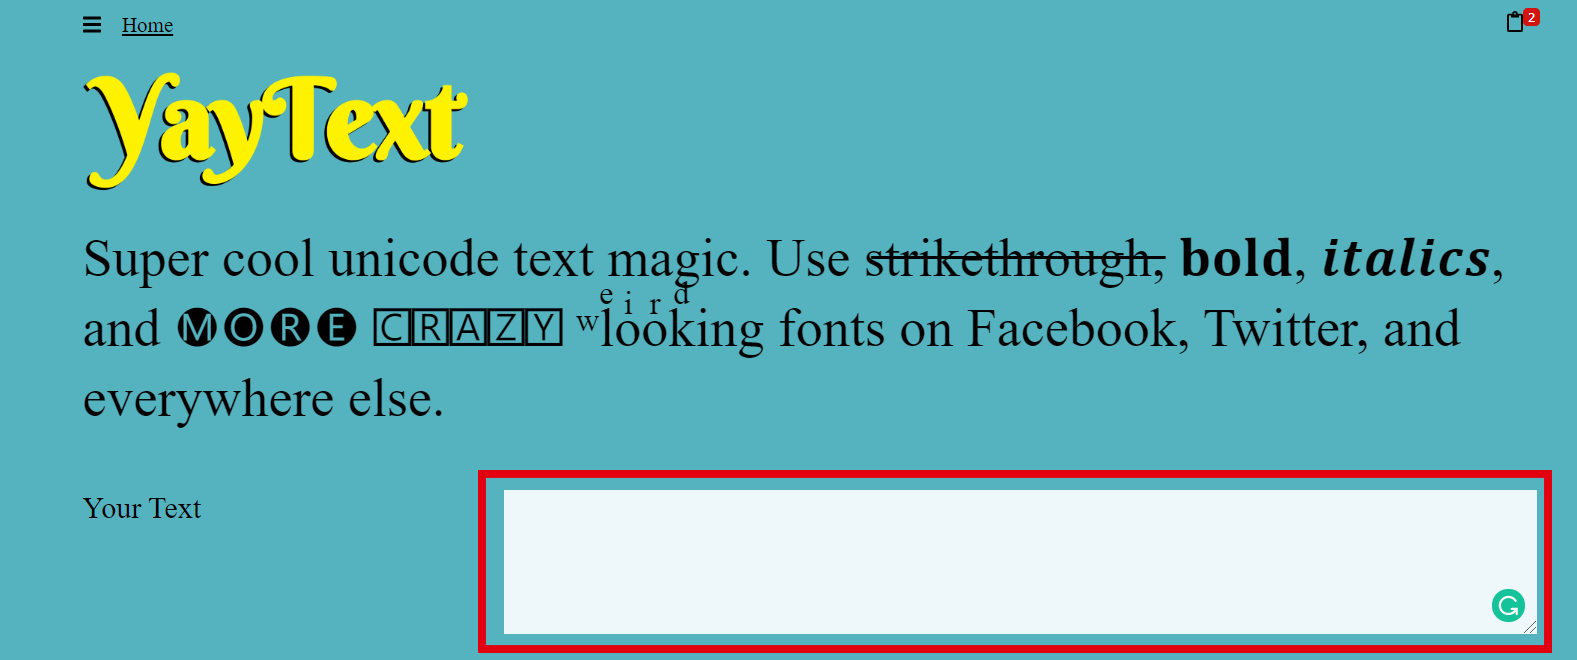 Cách viết chữ in đậm trên Facebook không bị lỗi nhờ YayText